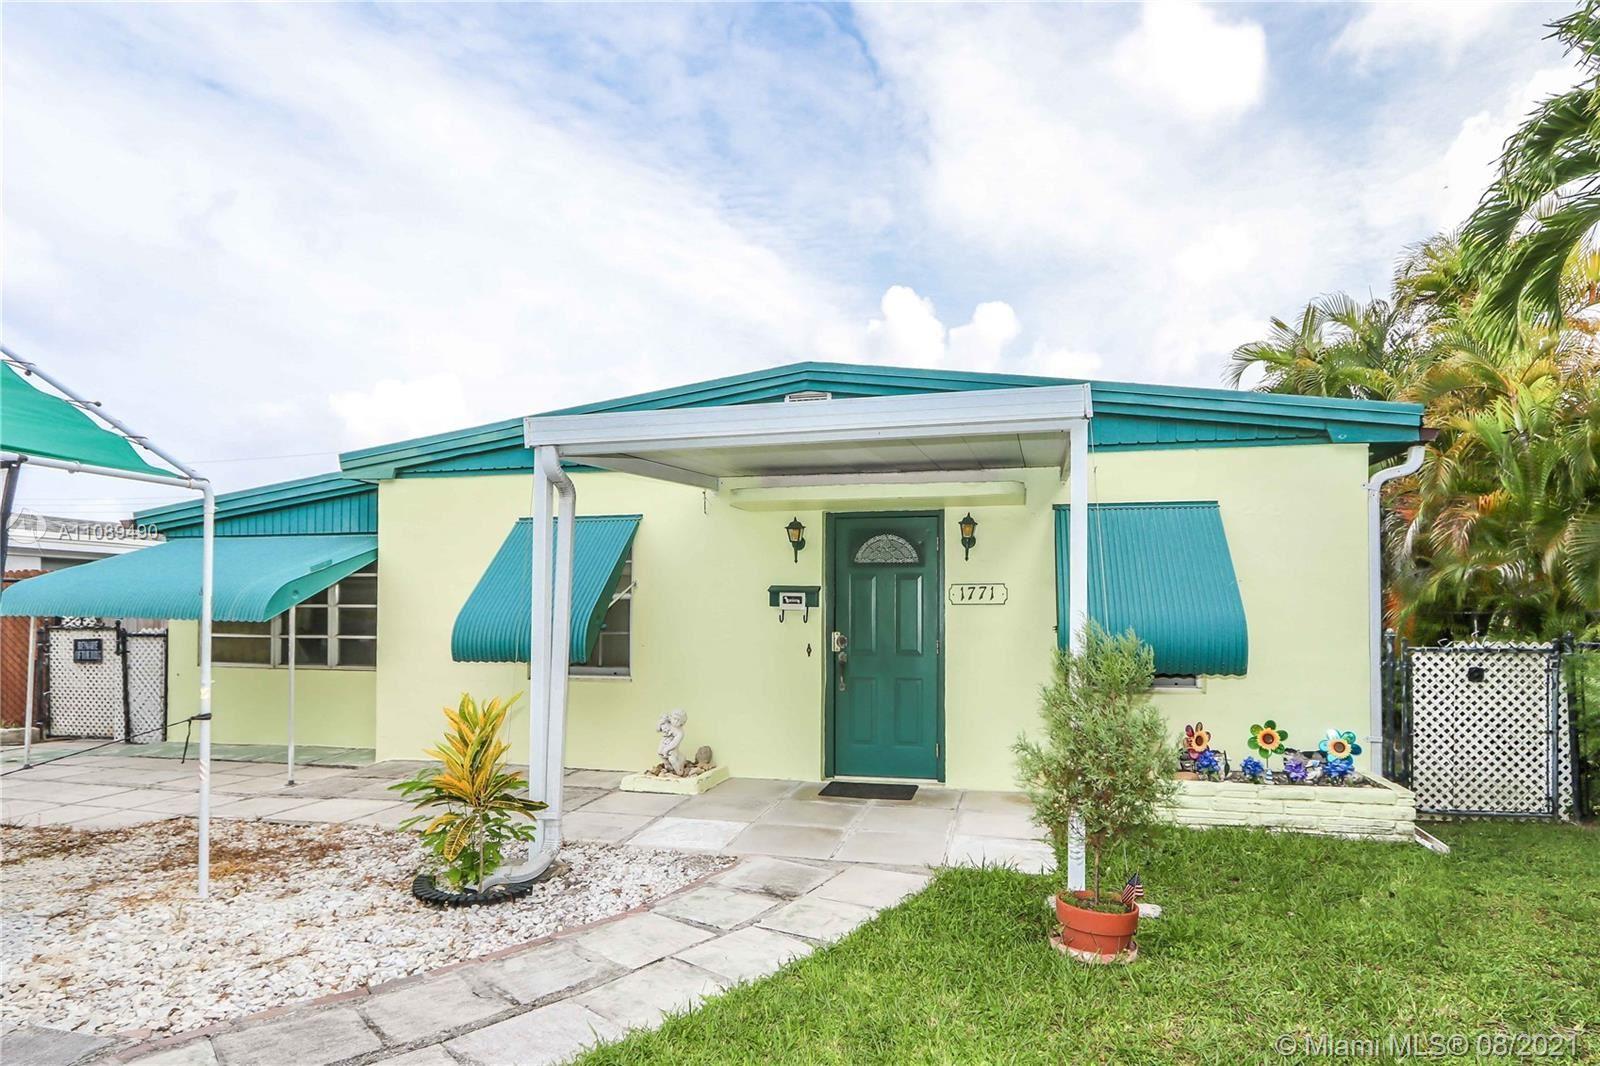 1771 NE 179th St, North Miami Beach, FL 33162 - #: A11089490